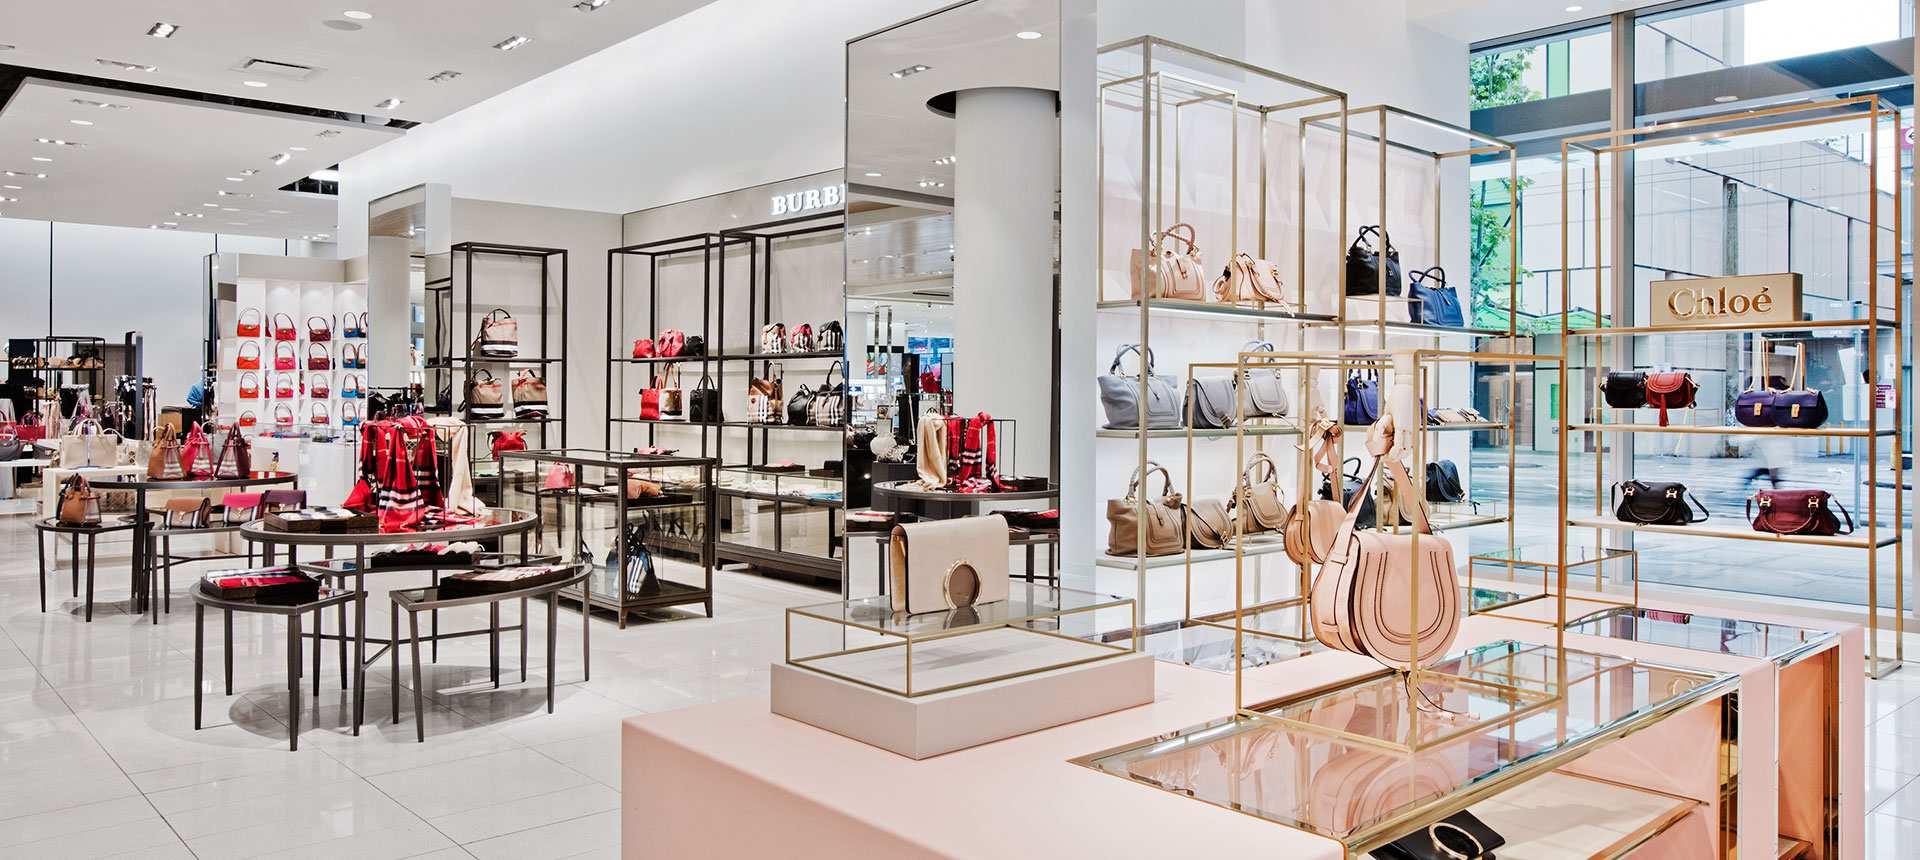 C ng th c v ng c c c a h ng b n l t n t i trong cu c Free retail store interior design software